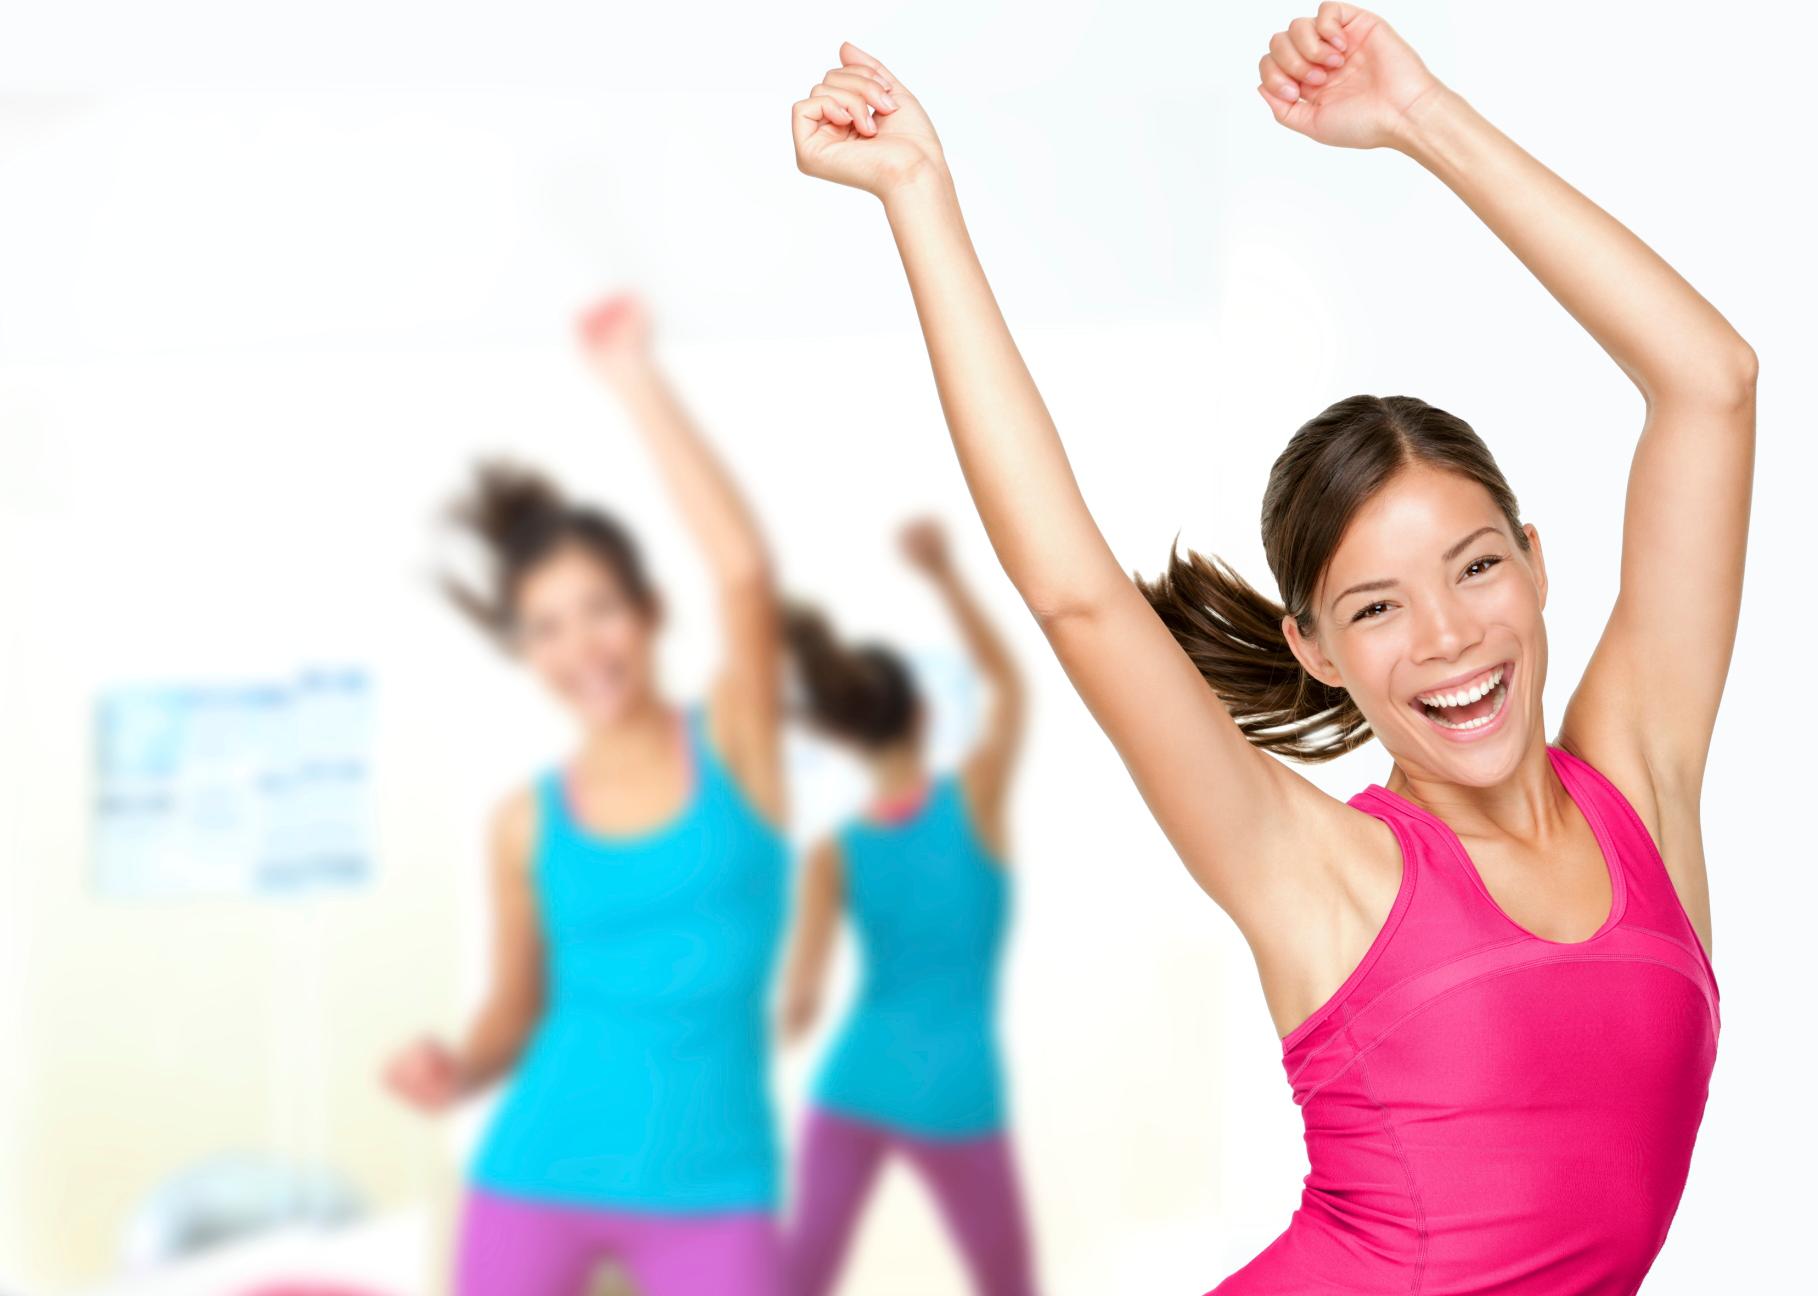 Tập thể dục với cường độ cao làm giảm nguy cơ ung thư vú hơn so với tập thể dục ở cường độ nhẹ hoặc trung bình.